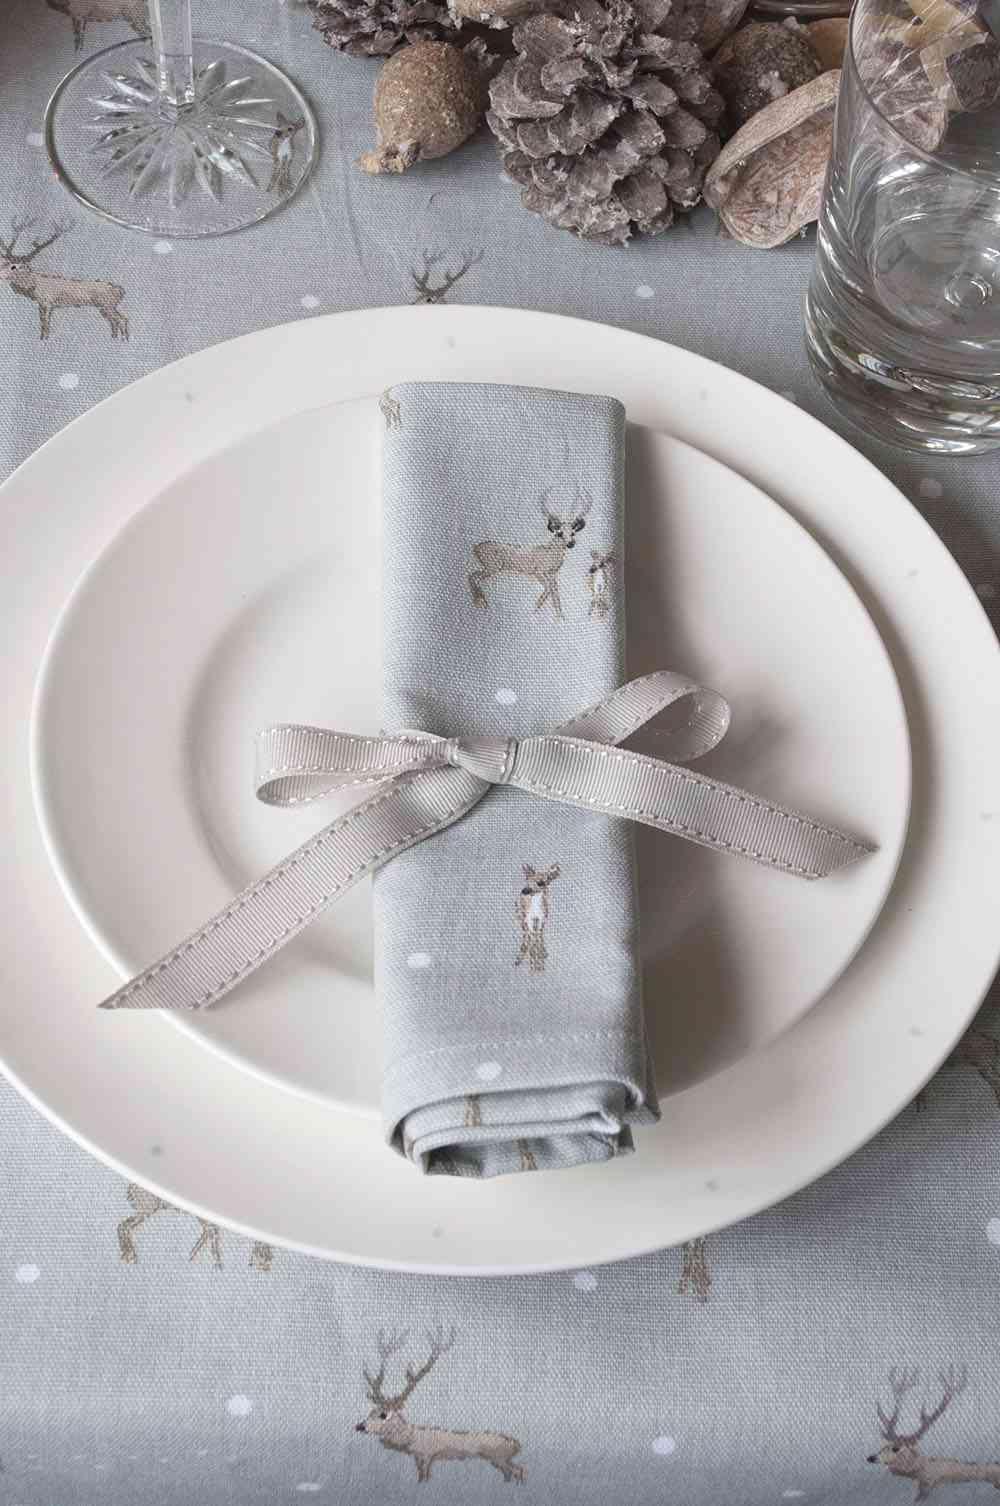 vajilla de Navidad SophieAllport vajilla blanca